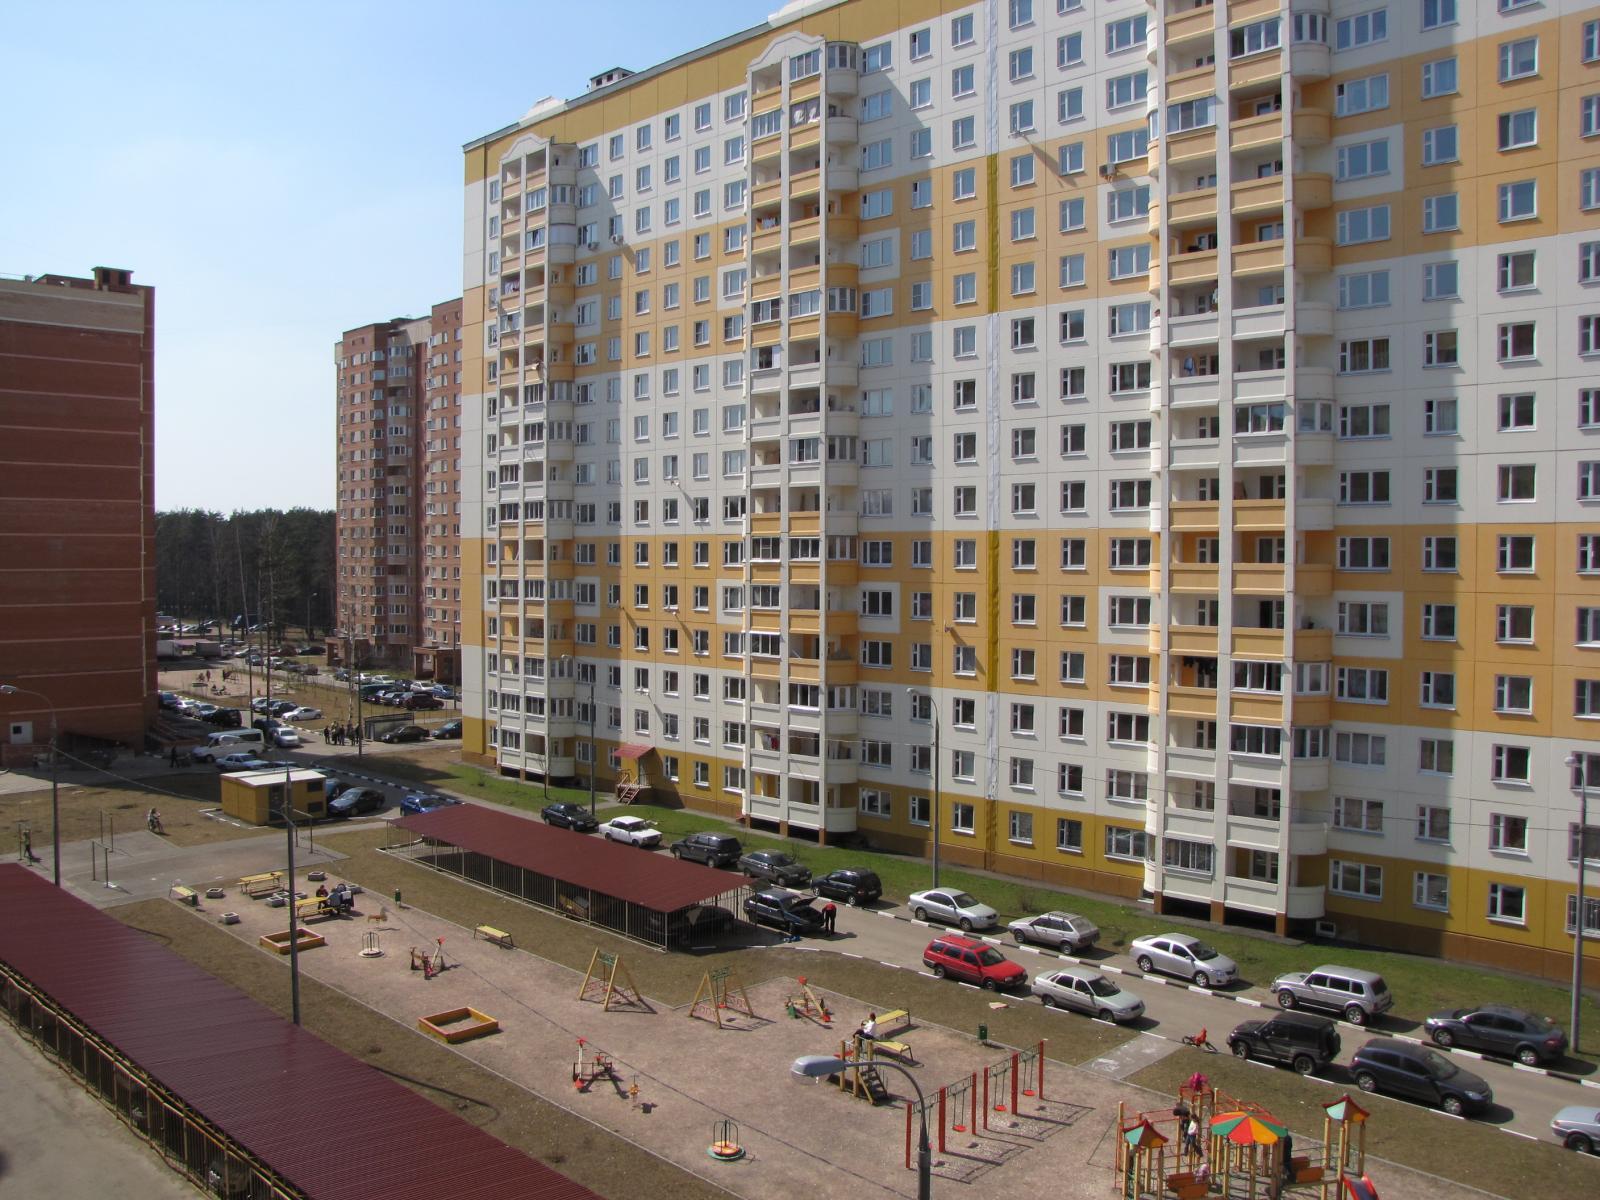 Наш двор около 14 дома 26.03.2009.jpg